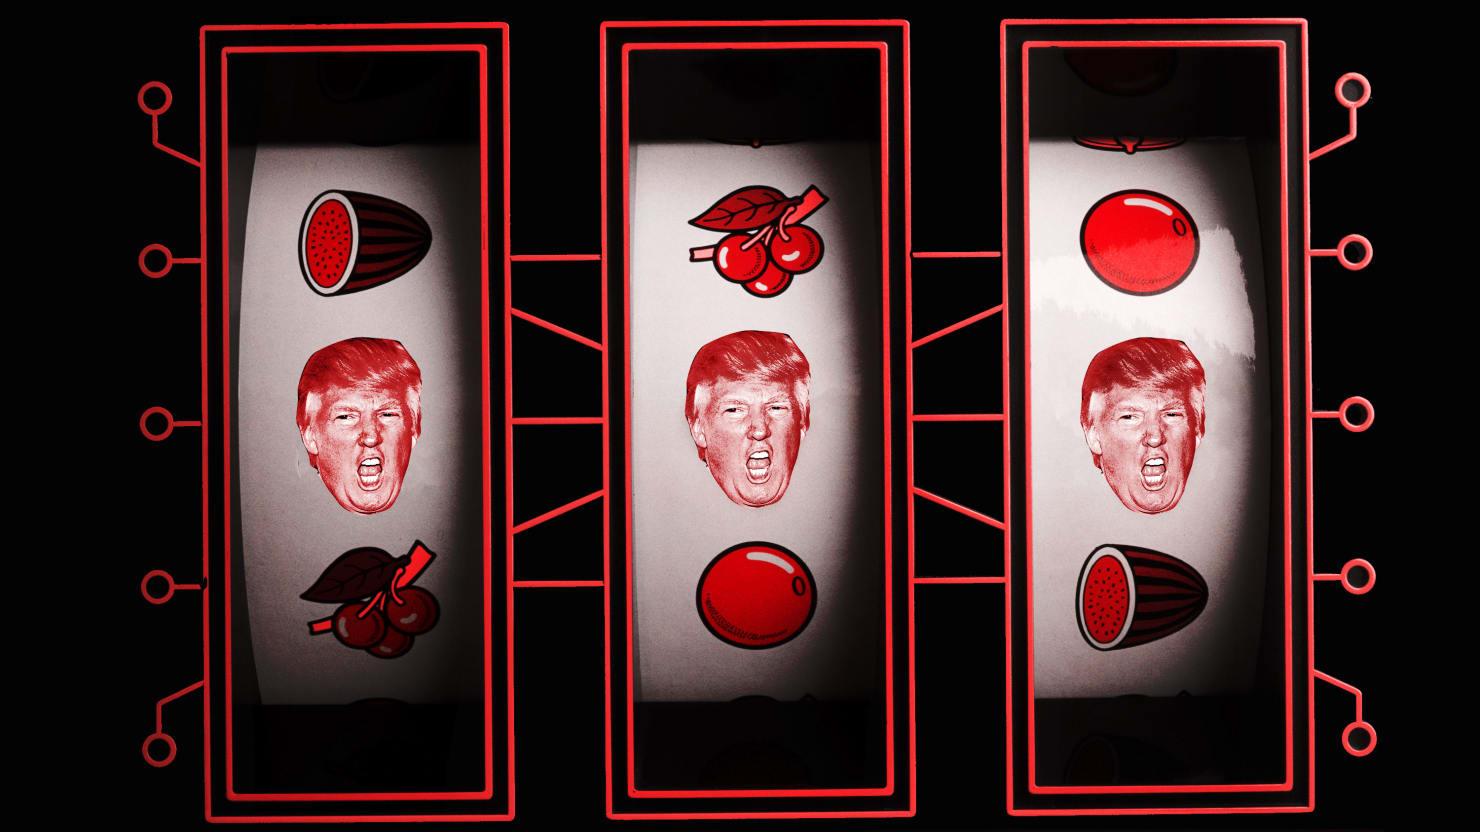 November Brings America's Chance to Escape Trumpy Casino Capitalism